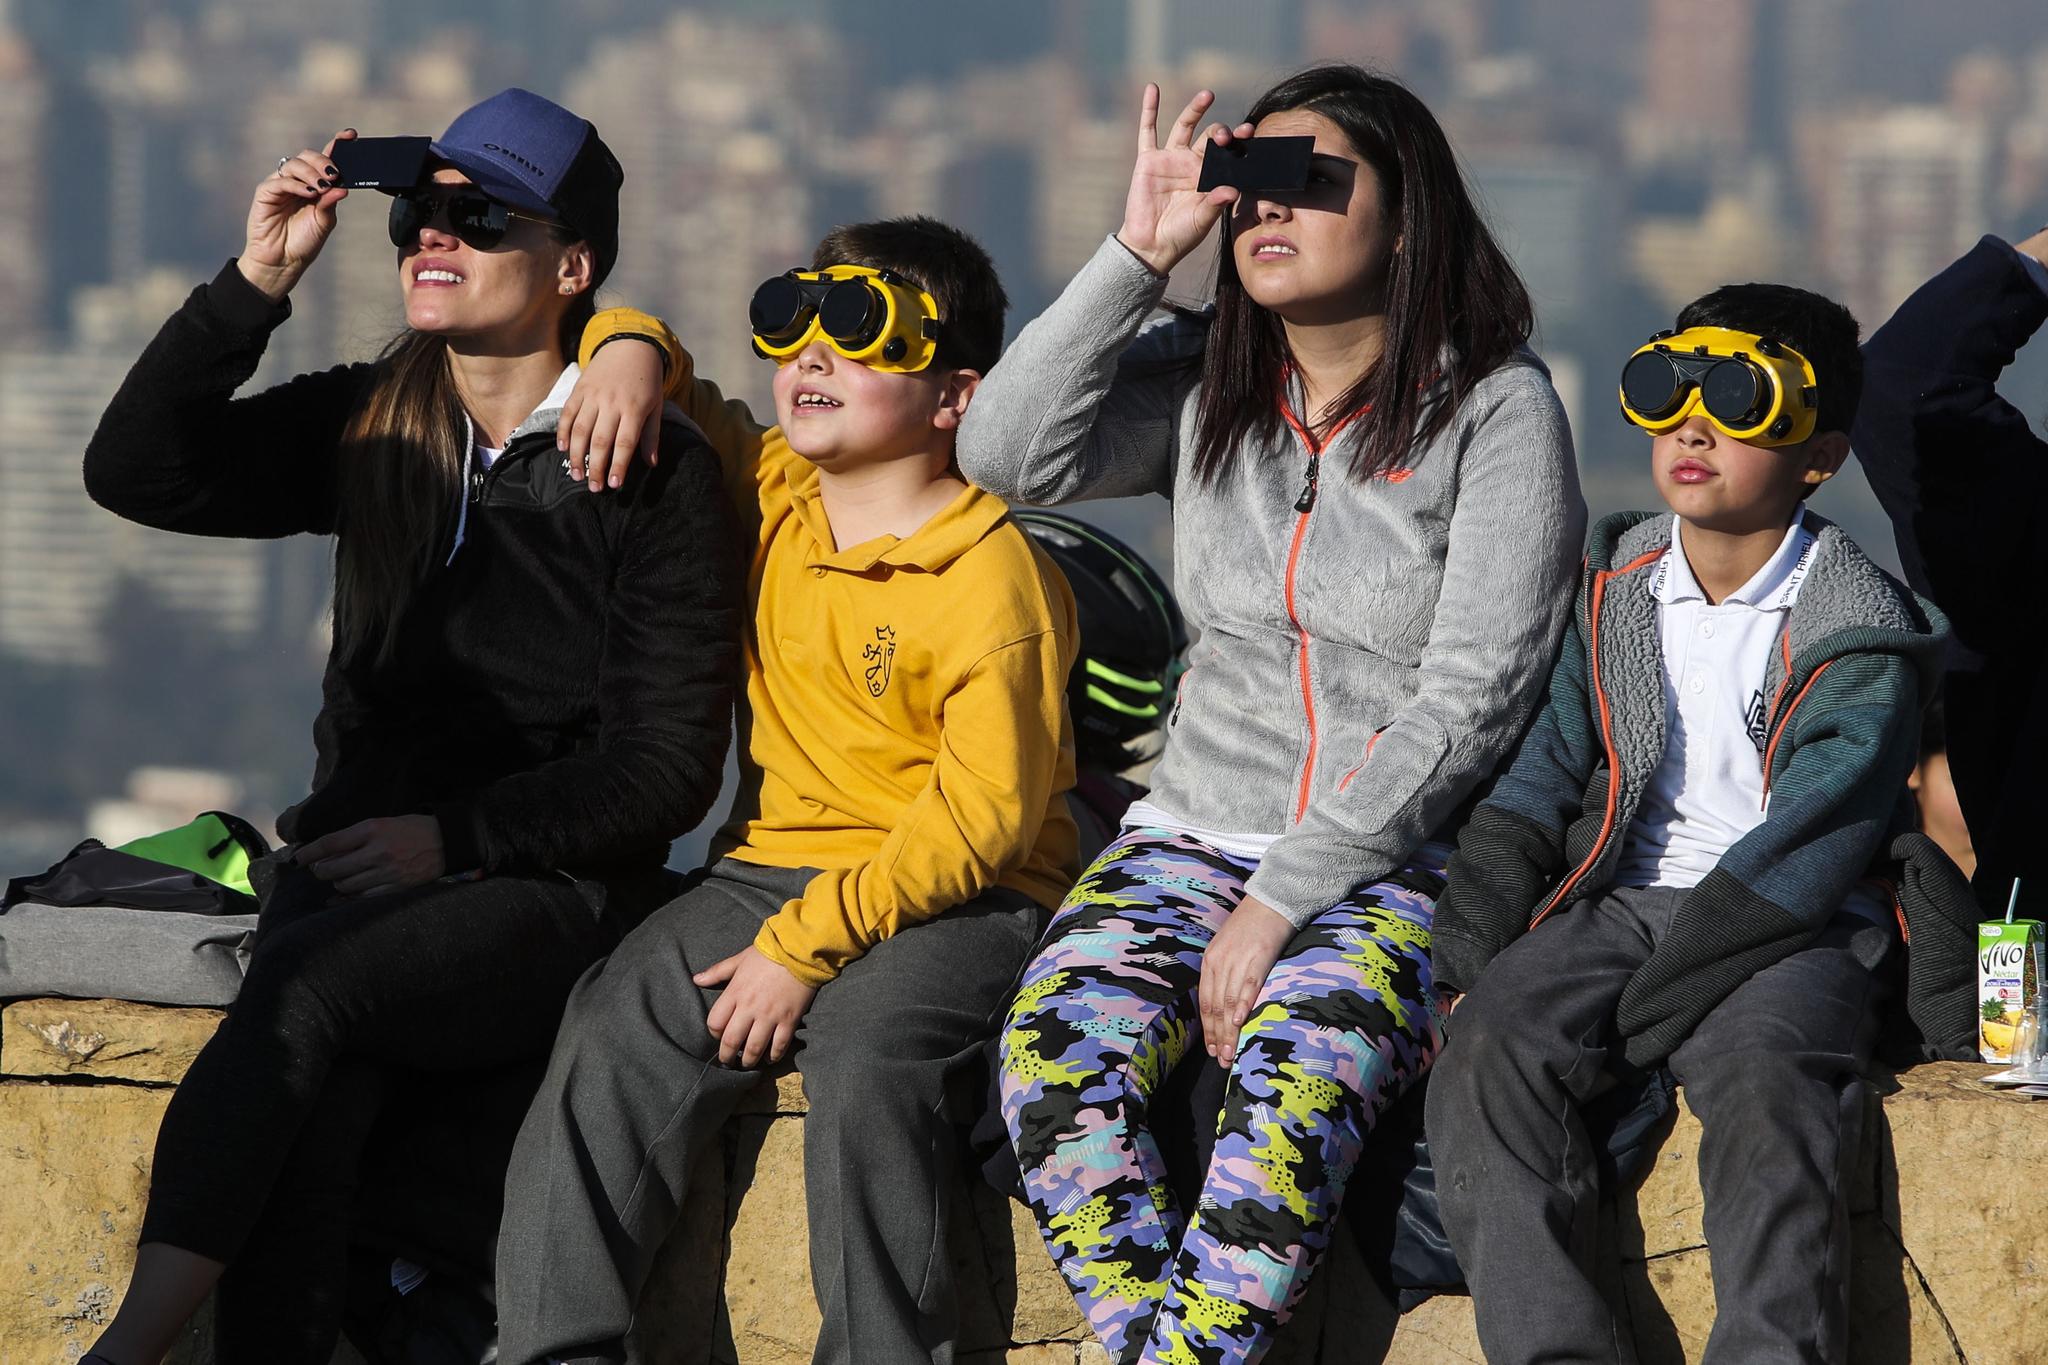 2일(현지시간) 칠레 산티아고에 있는 산크리스토발 산에서 관광객들이 개기일식을 지켜보고있다.[EPA=연합뉴스]